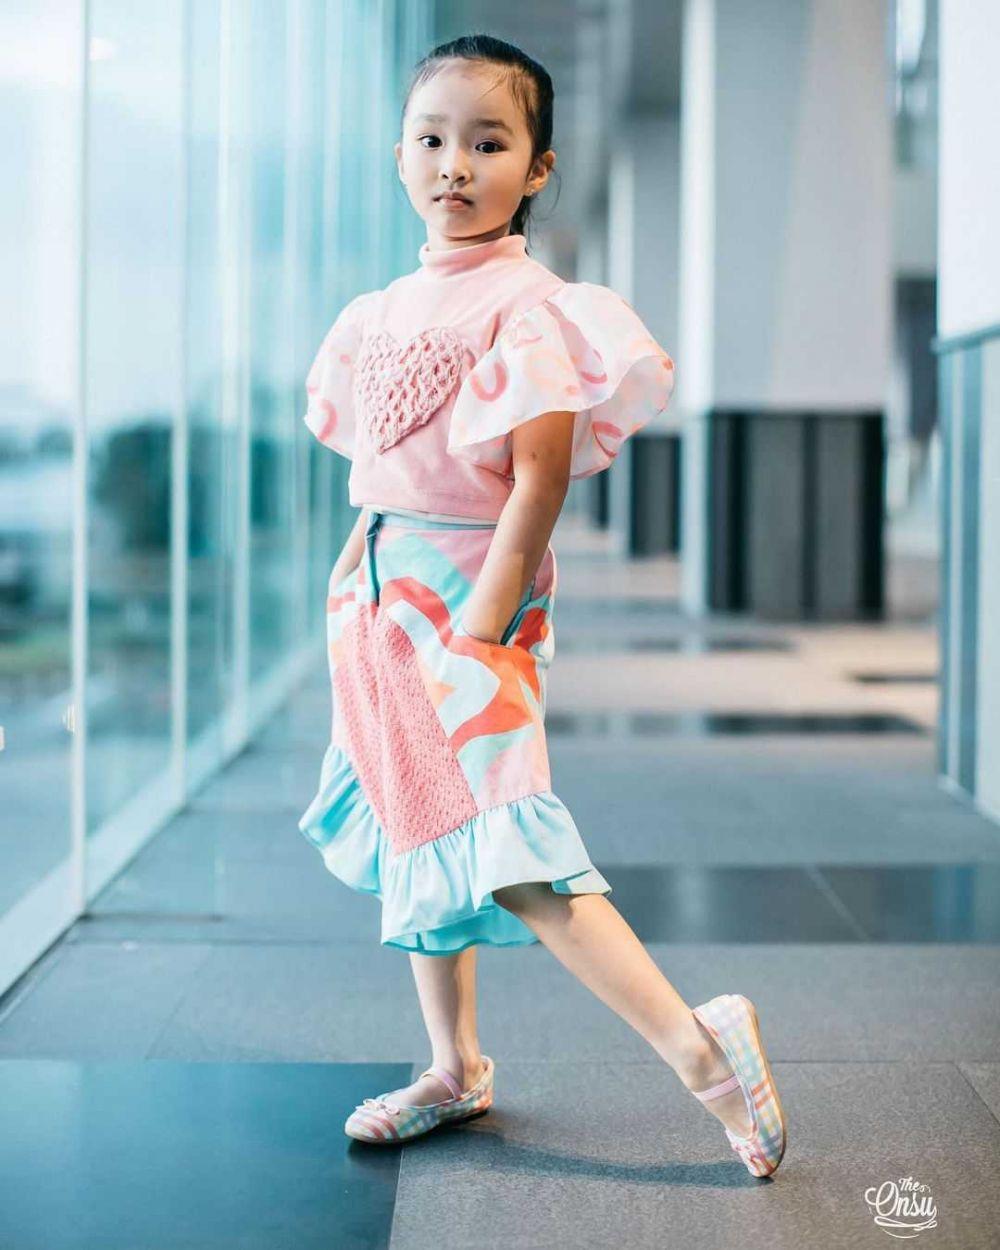 Usia di Bawah 10 Tahun, Gaya 10 Putri Artis bak Model Profesional!